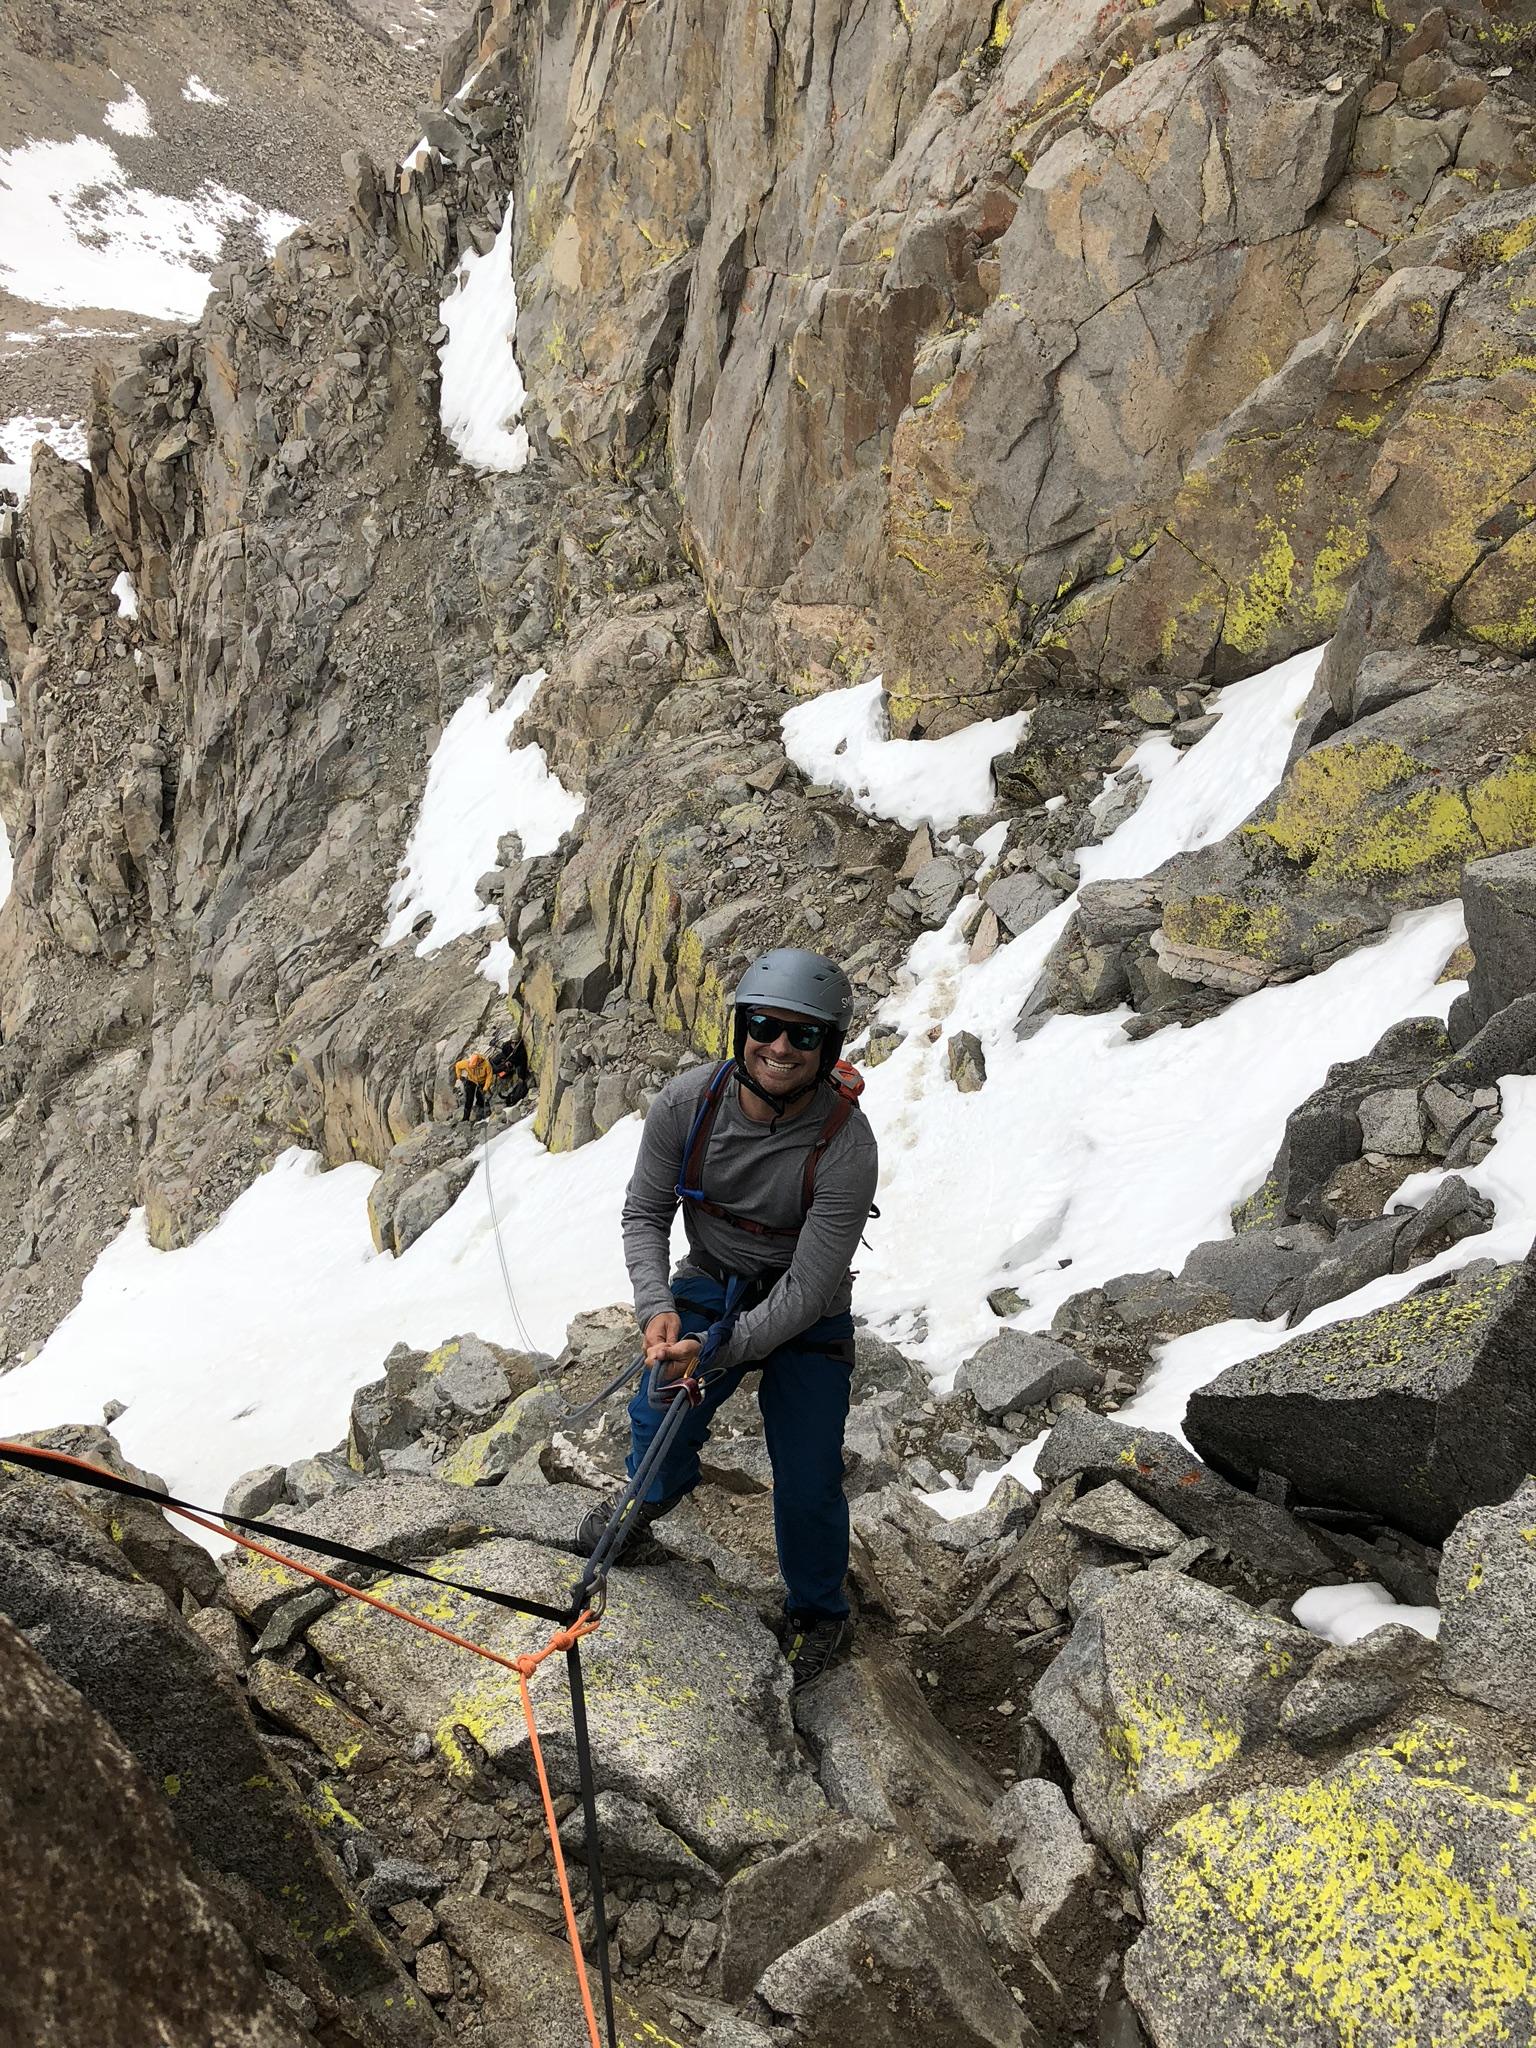 Mount Sill Eastern Sierra Alpine Rock Climbing